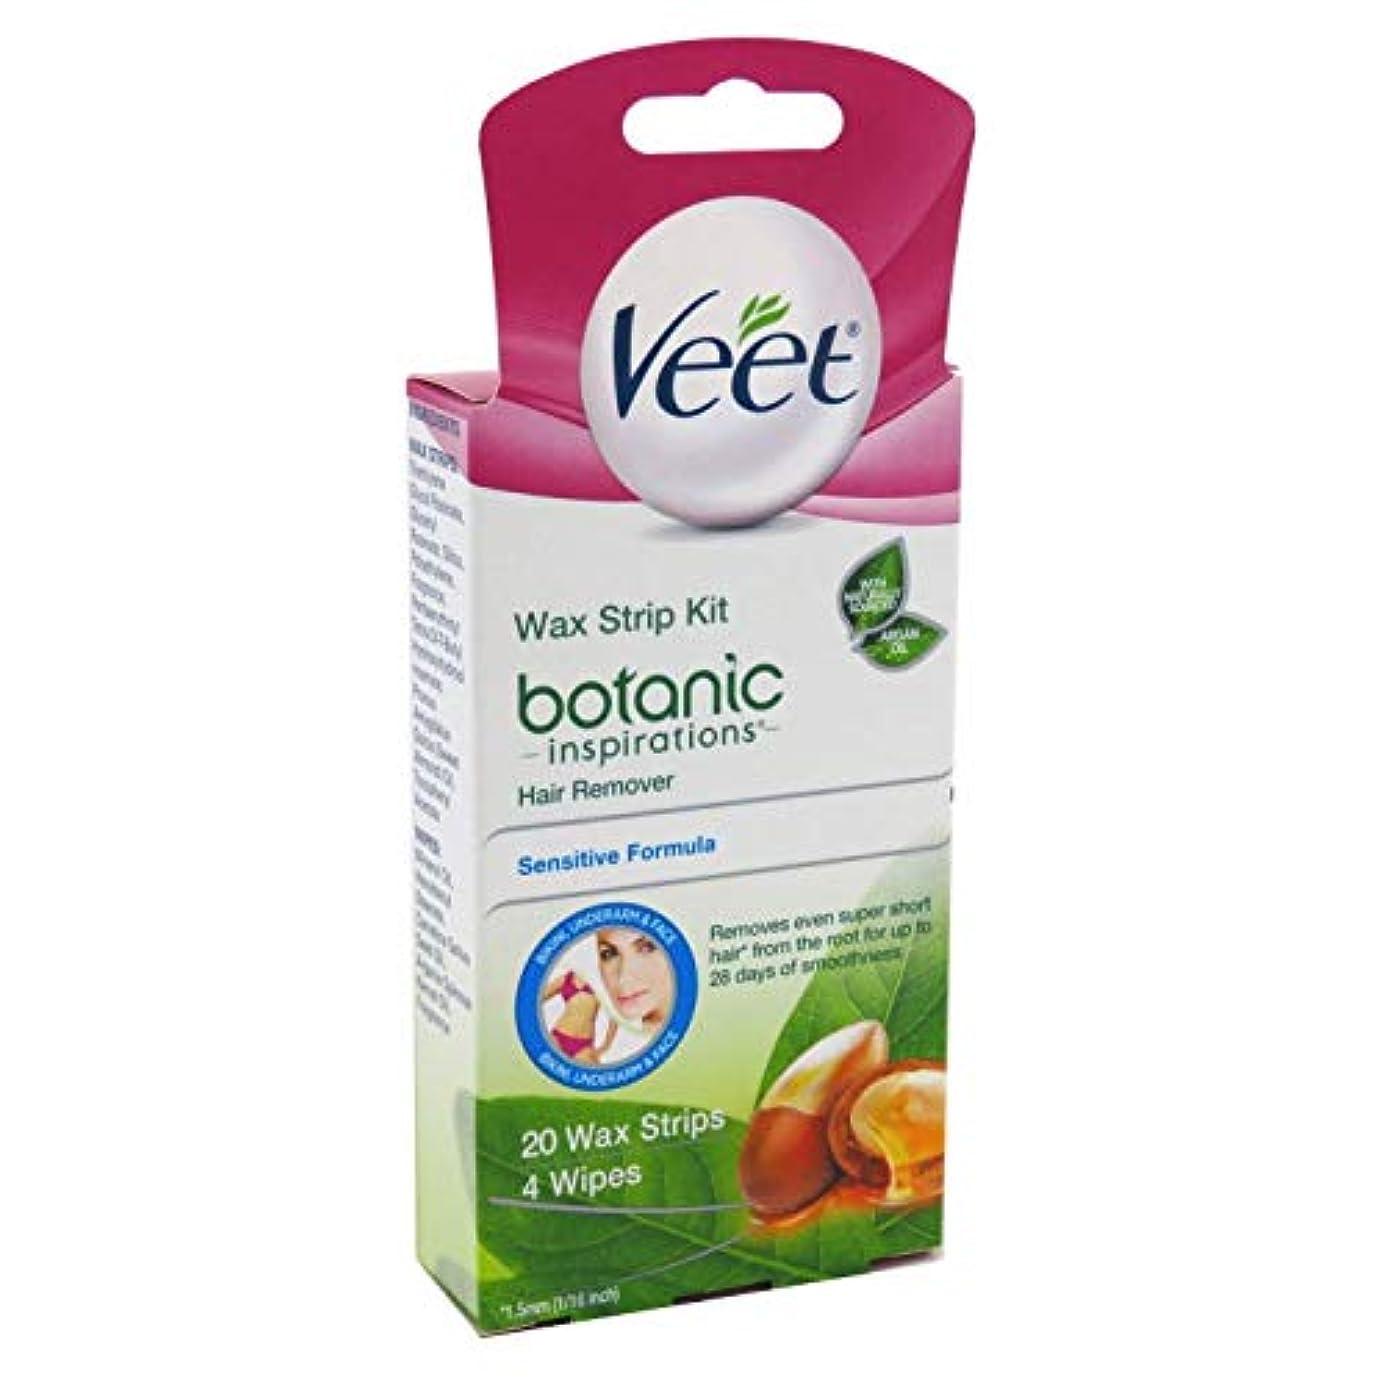 降伏唯一値Veet ワックスは、ボディ、ビキニ&フェイス20 Eaは(8パック)のために髪リムーバーを取り除き使用する準備ができて 8パック